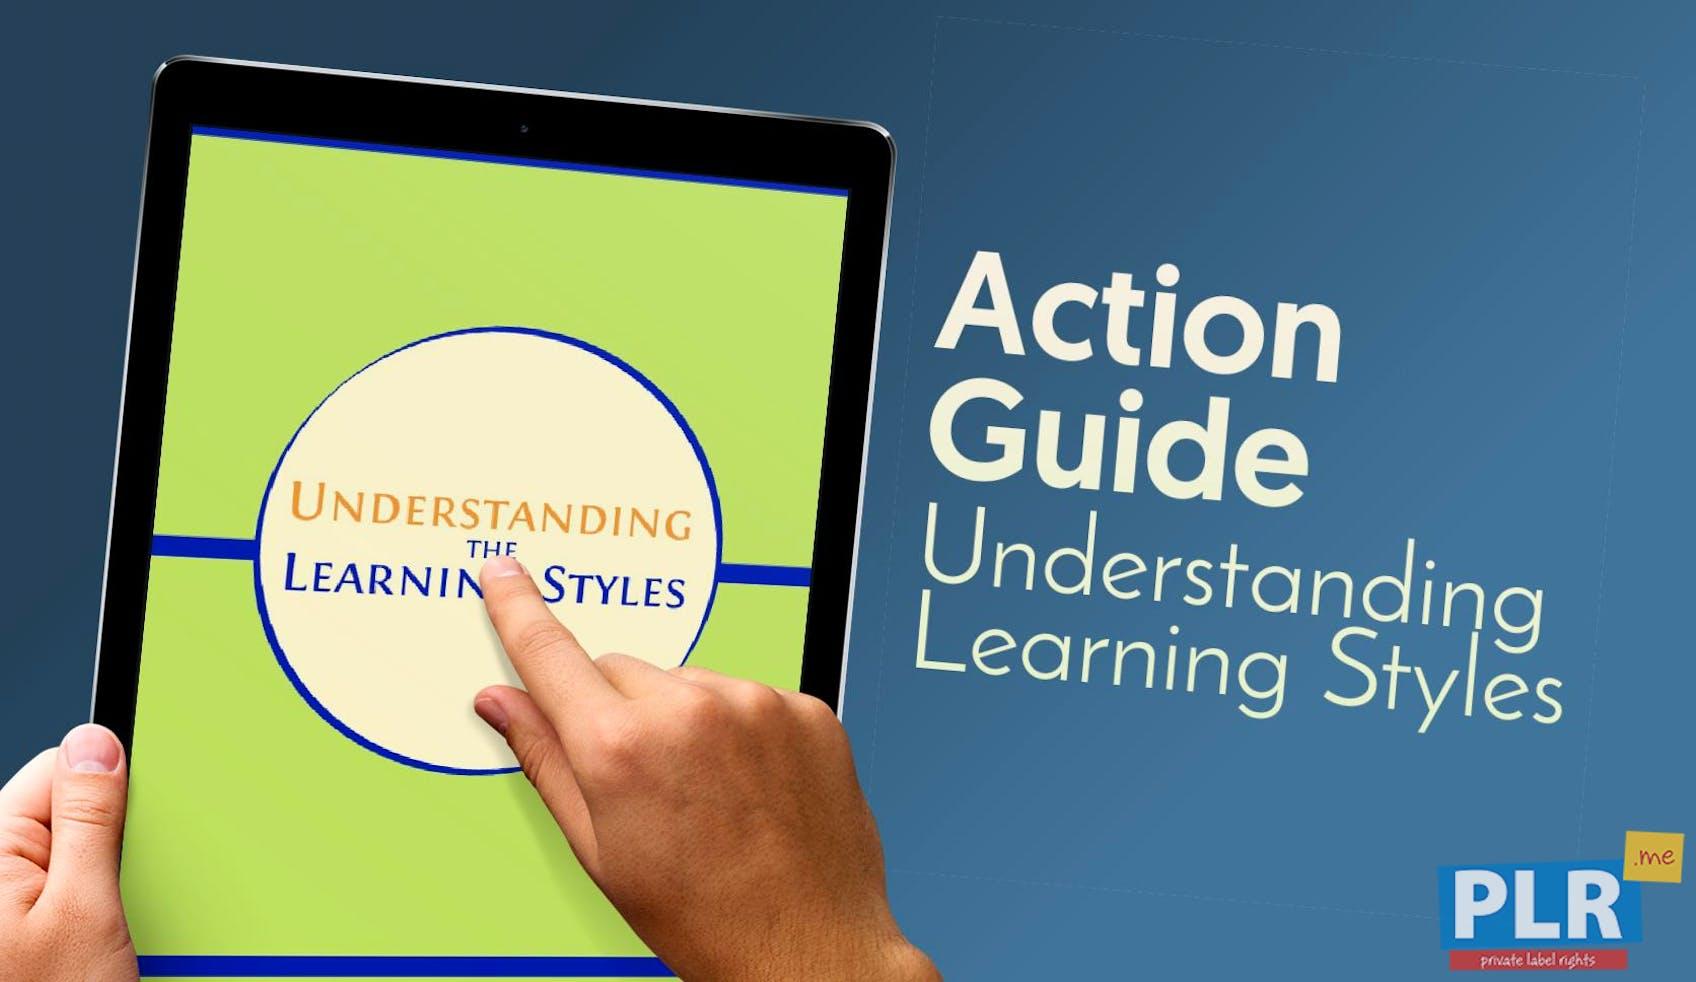 Understanding Learning Styles